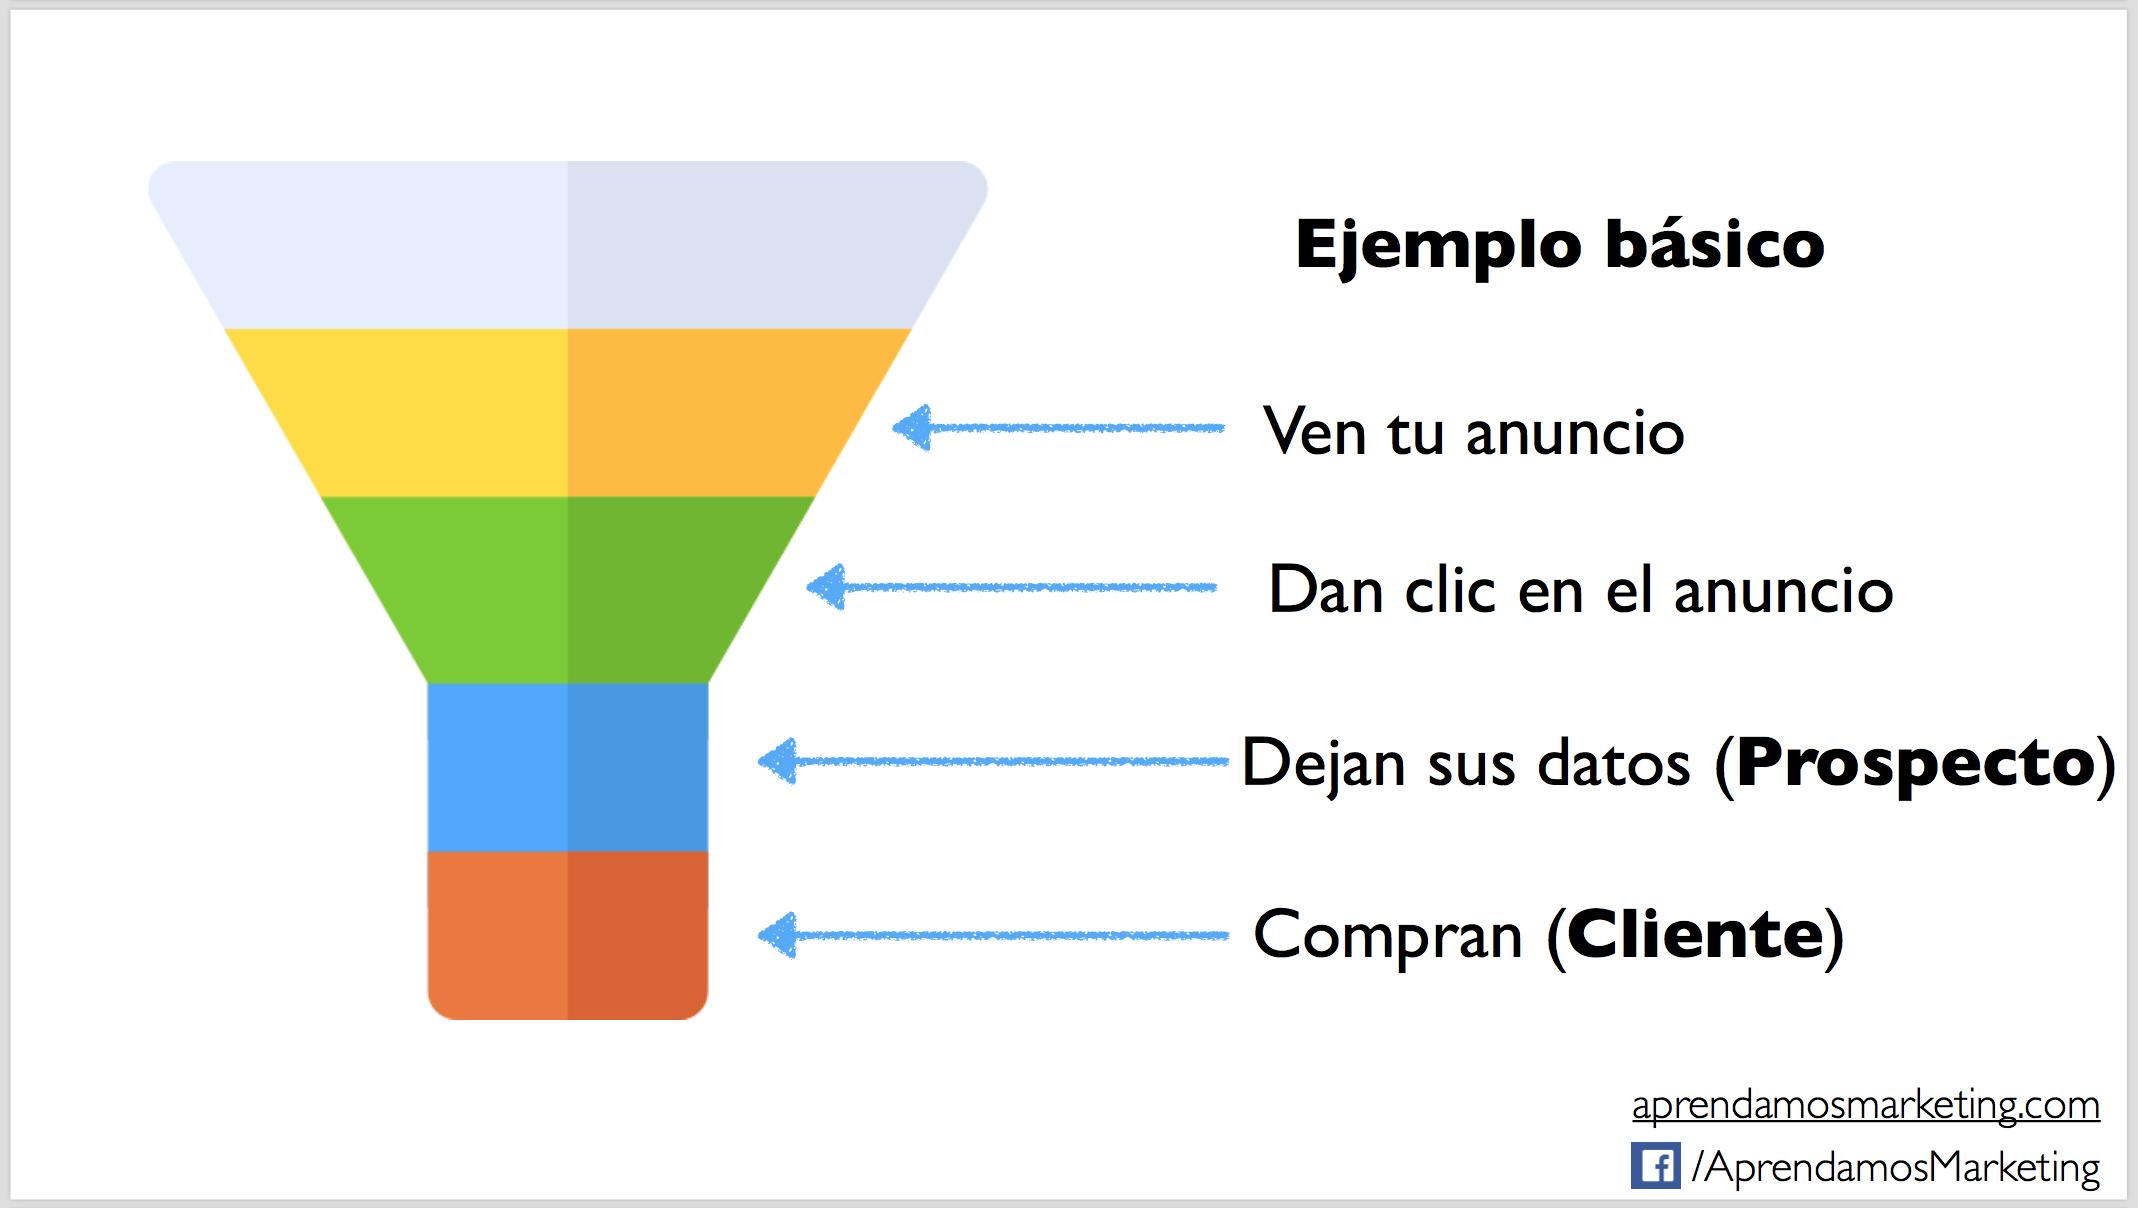 Ejemplo básico de un embudo de coversión - Aprendamos Marketing